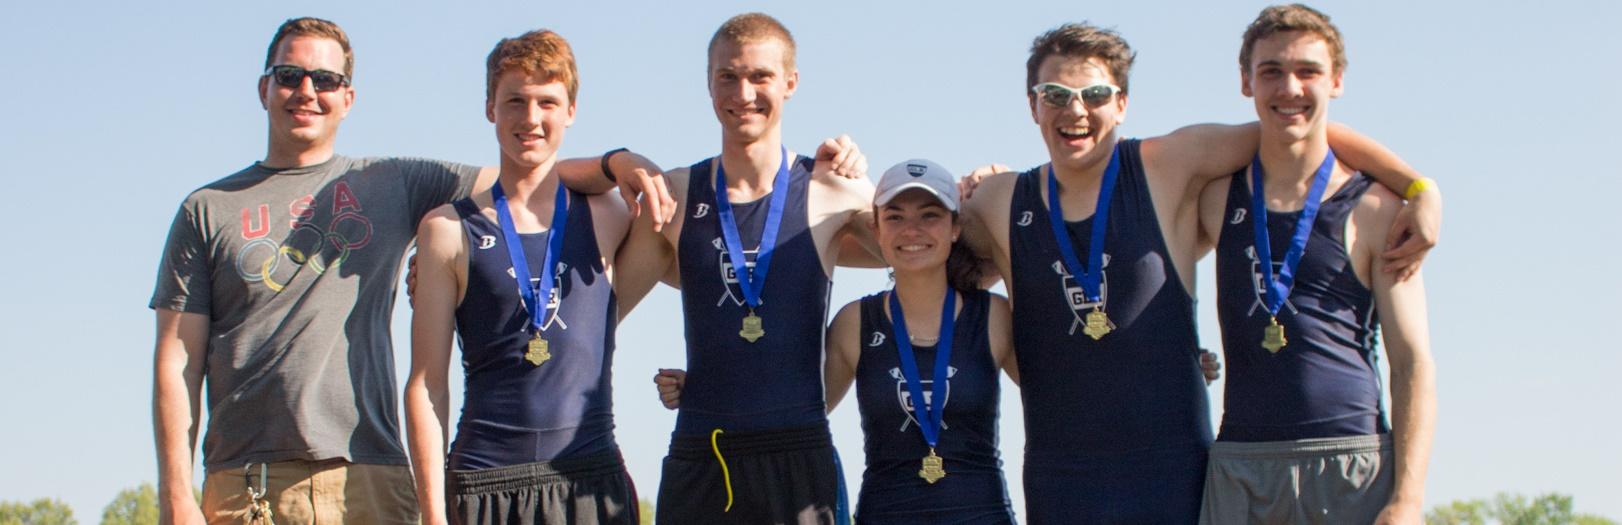 Boys 2V 4+ medals v2